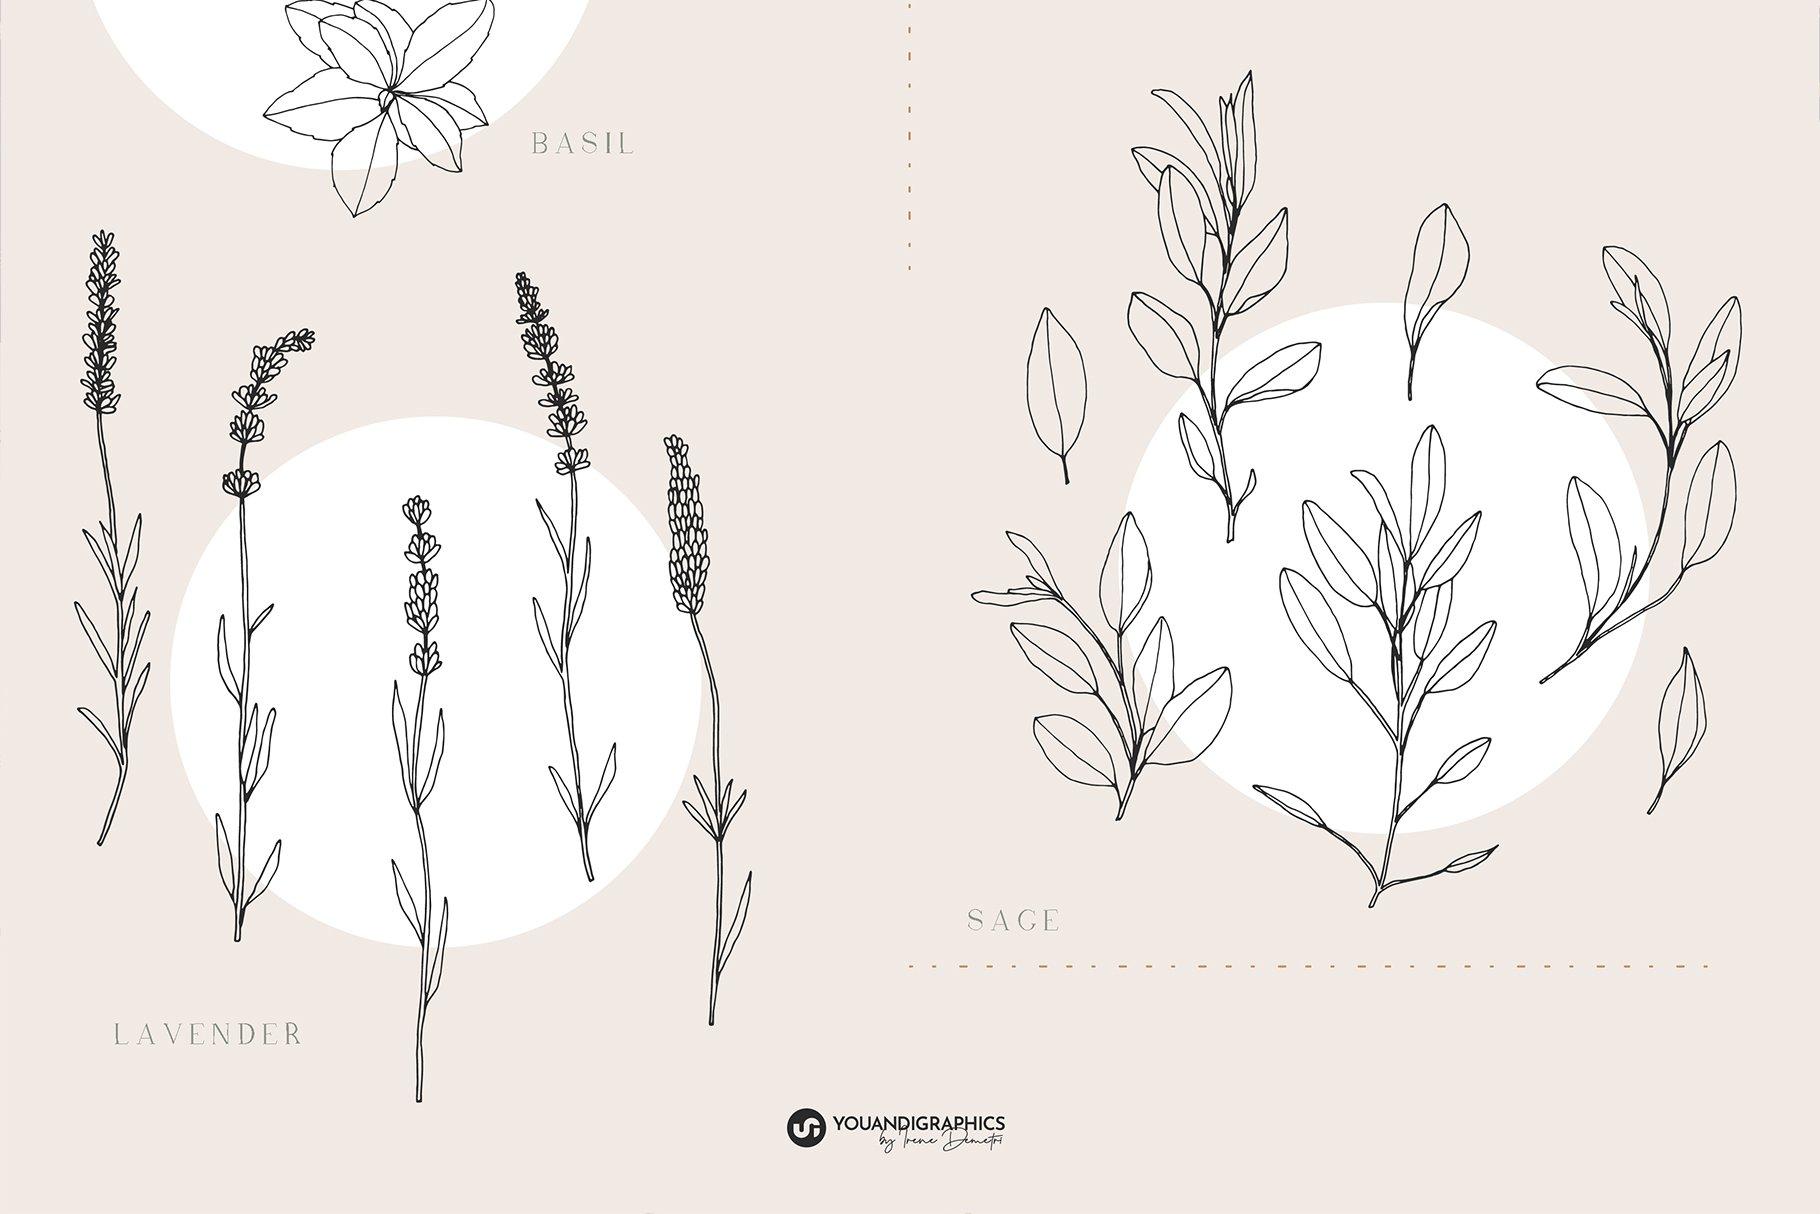 优雅中药草药花草手绘无缝隙矢量图案设计素材 Herbs Patterns & Illustrations插图8